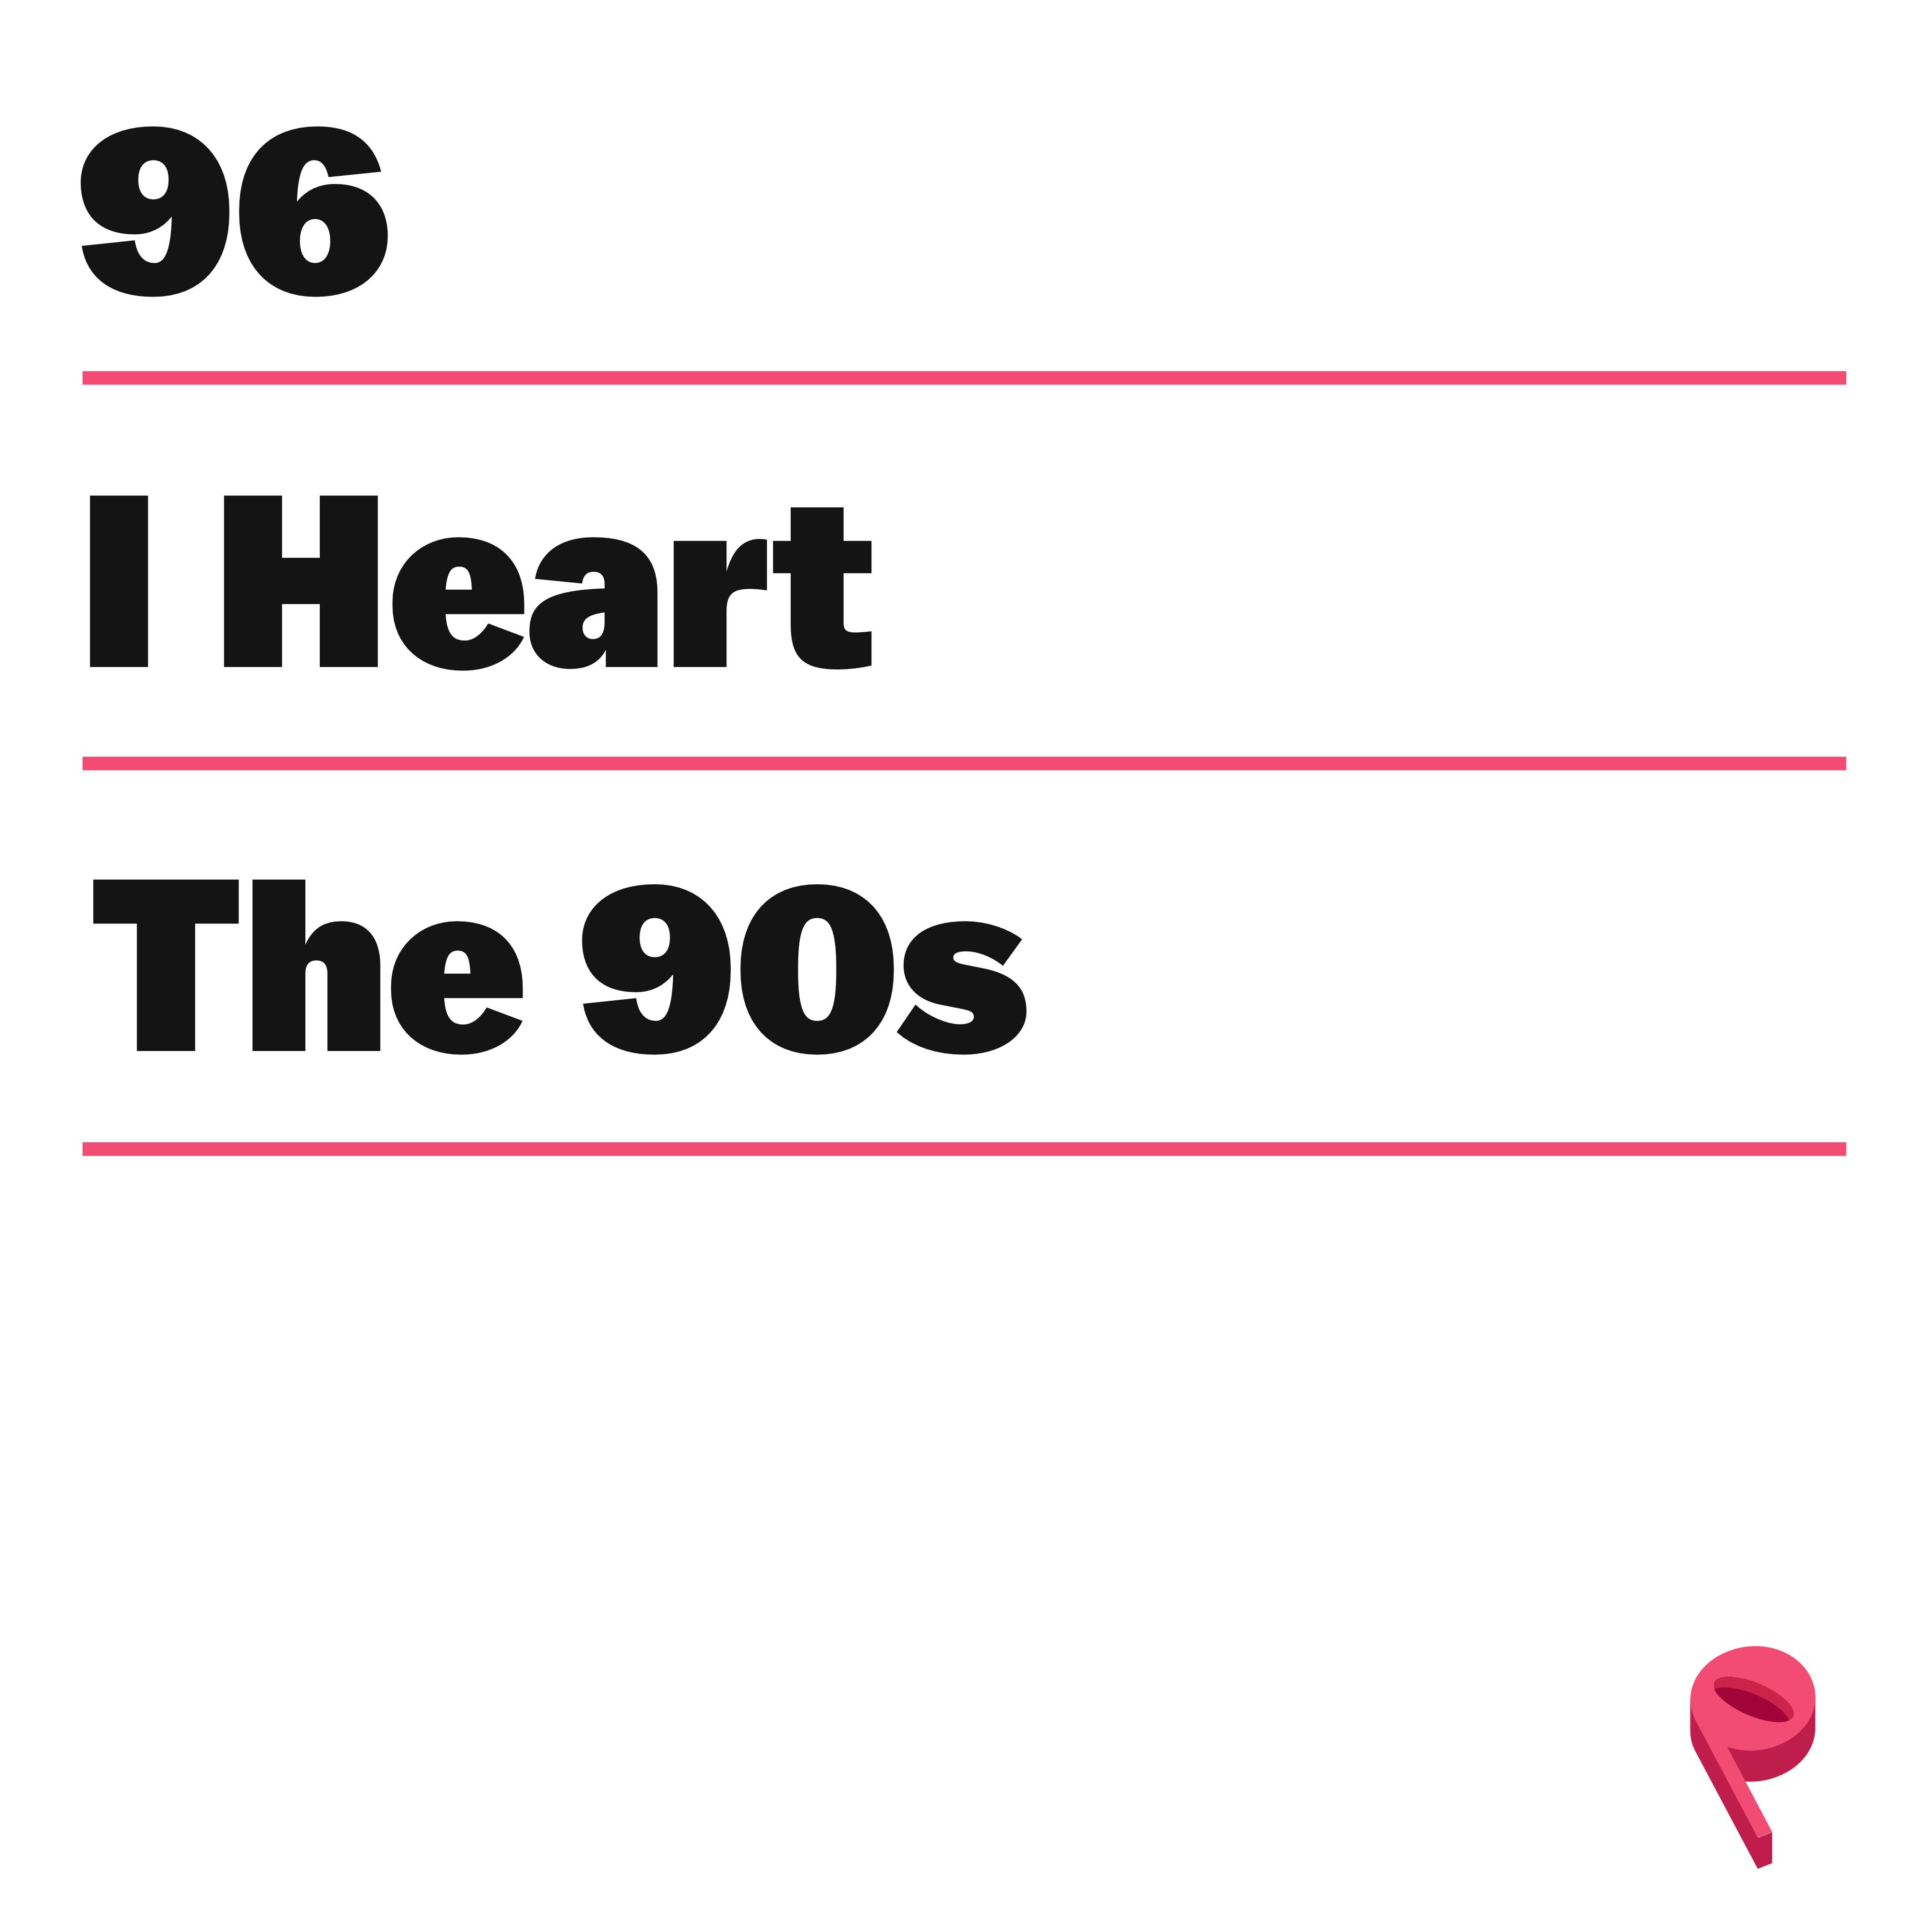 Charli XCX and Troye Sivan Love the 90s